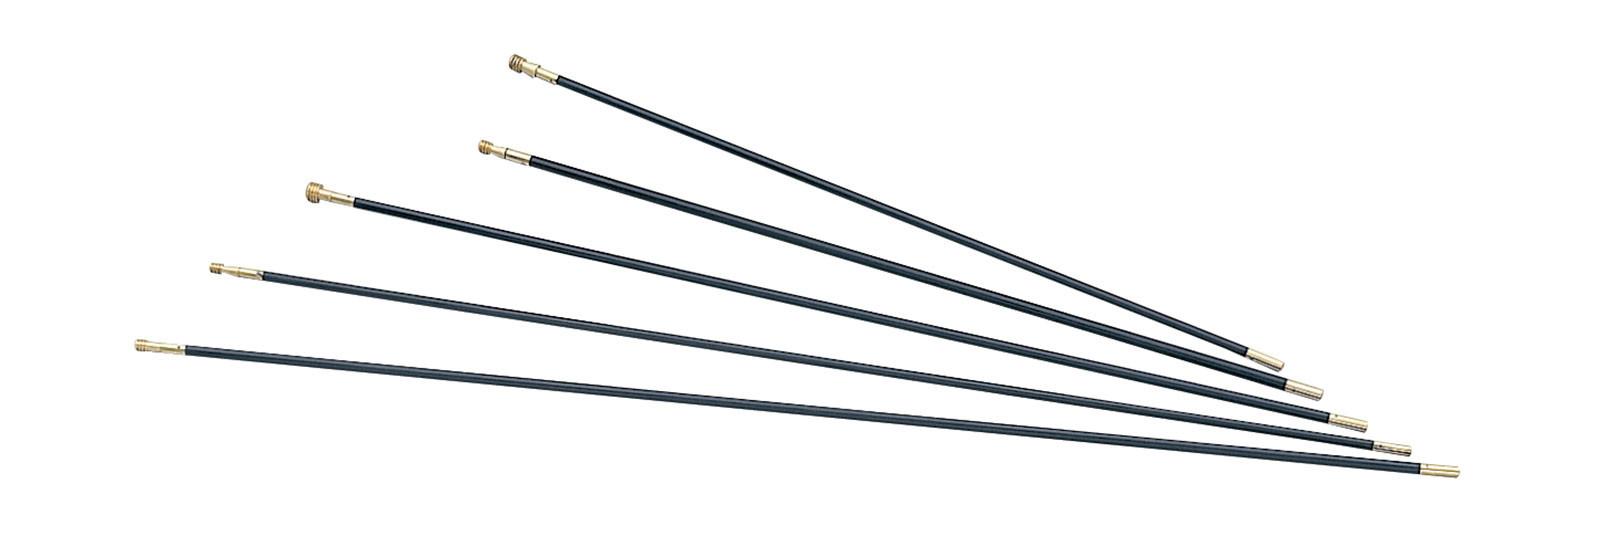 Muzzleloading Fiberglass ramrods 8x900